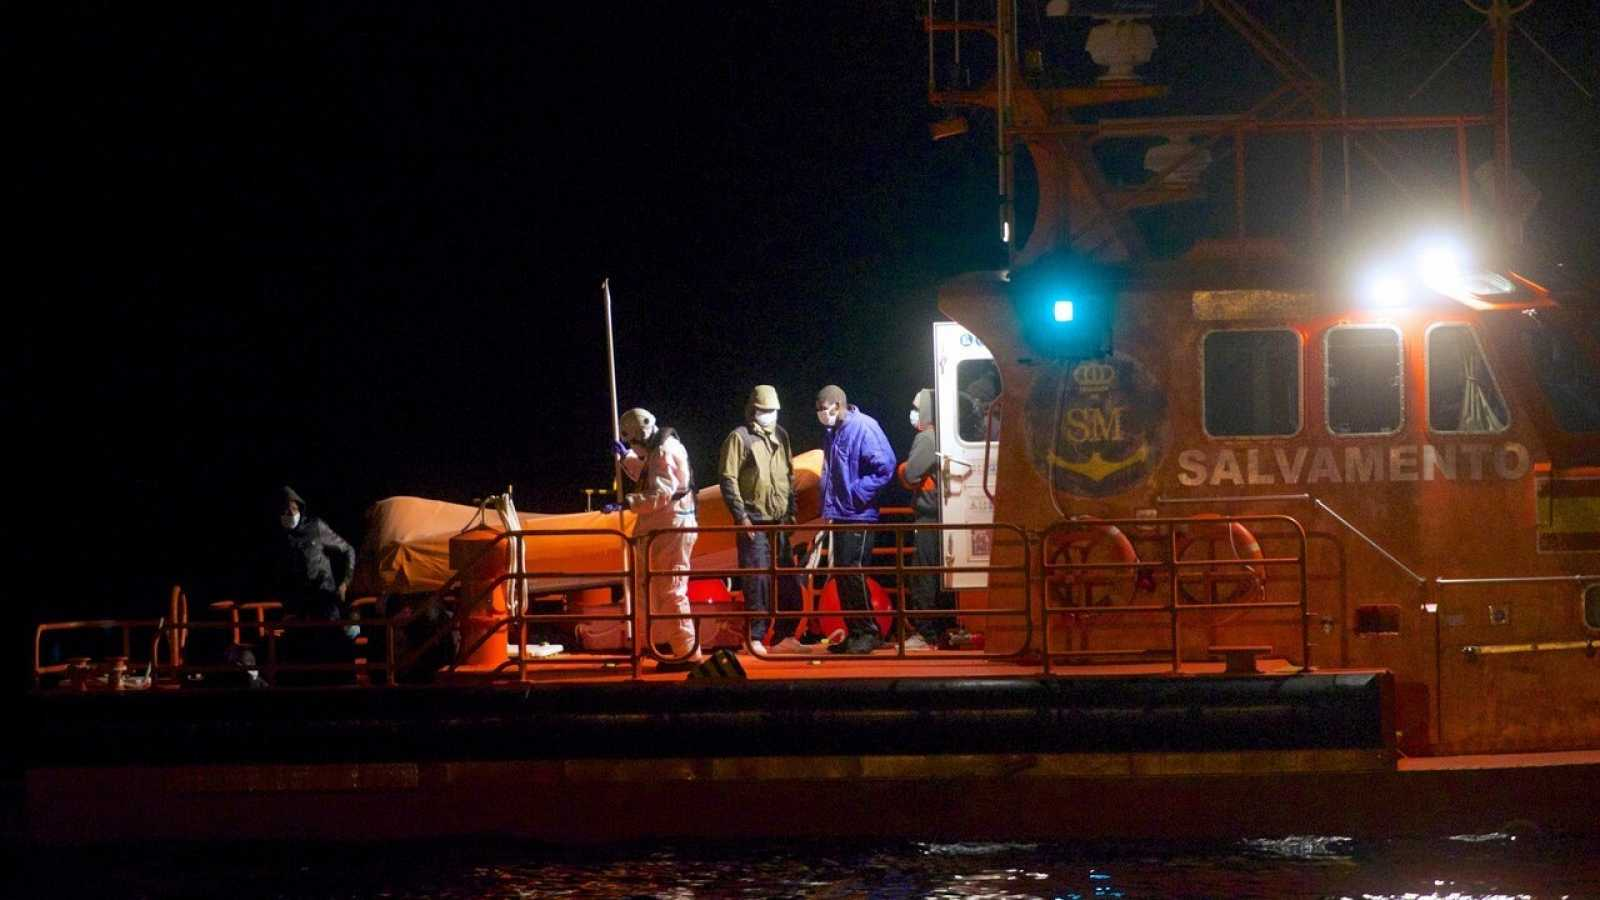 Ir al VideoAl menos cuatro muertos tras el naufragio de una patera en Lanzarote cerca de la costa